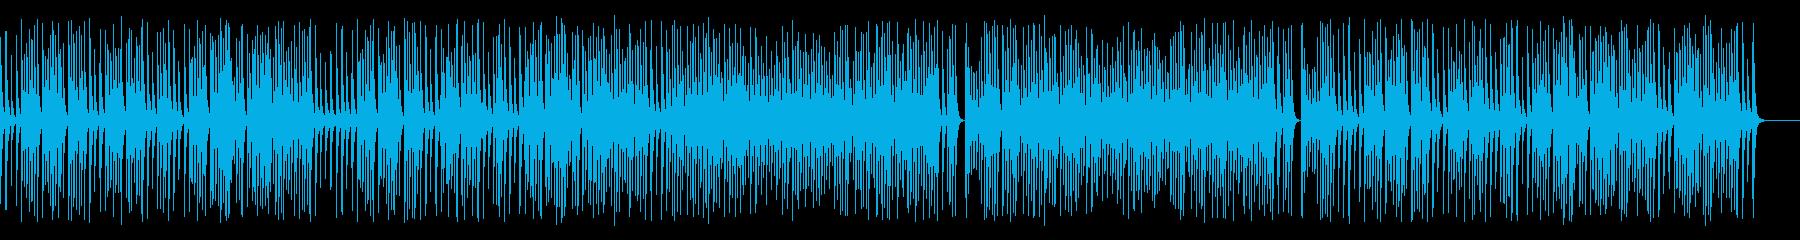 木琴がコロコロ可愛いジャズの名曲の再生済みの波形